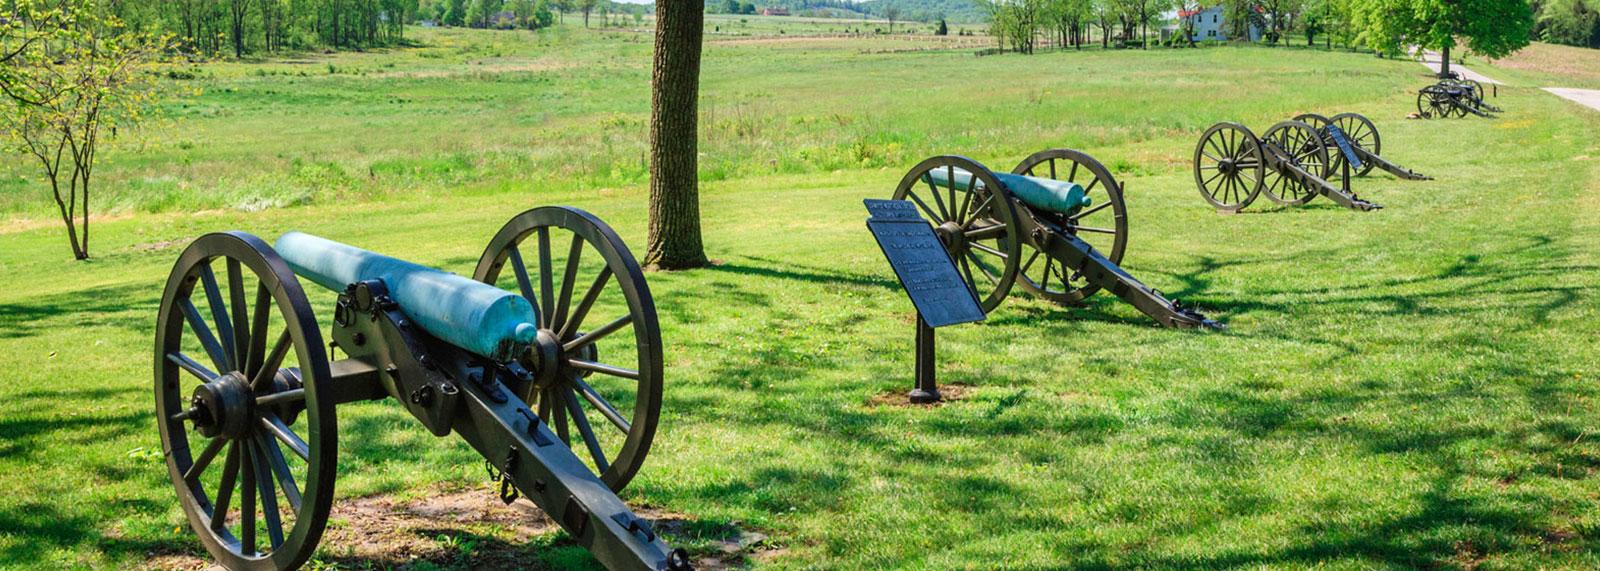 Gettysburg Attractions